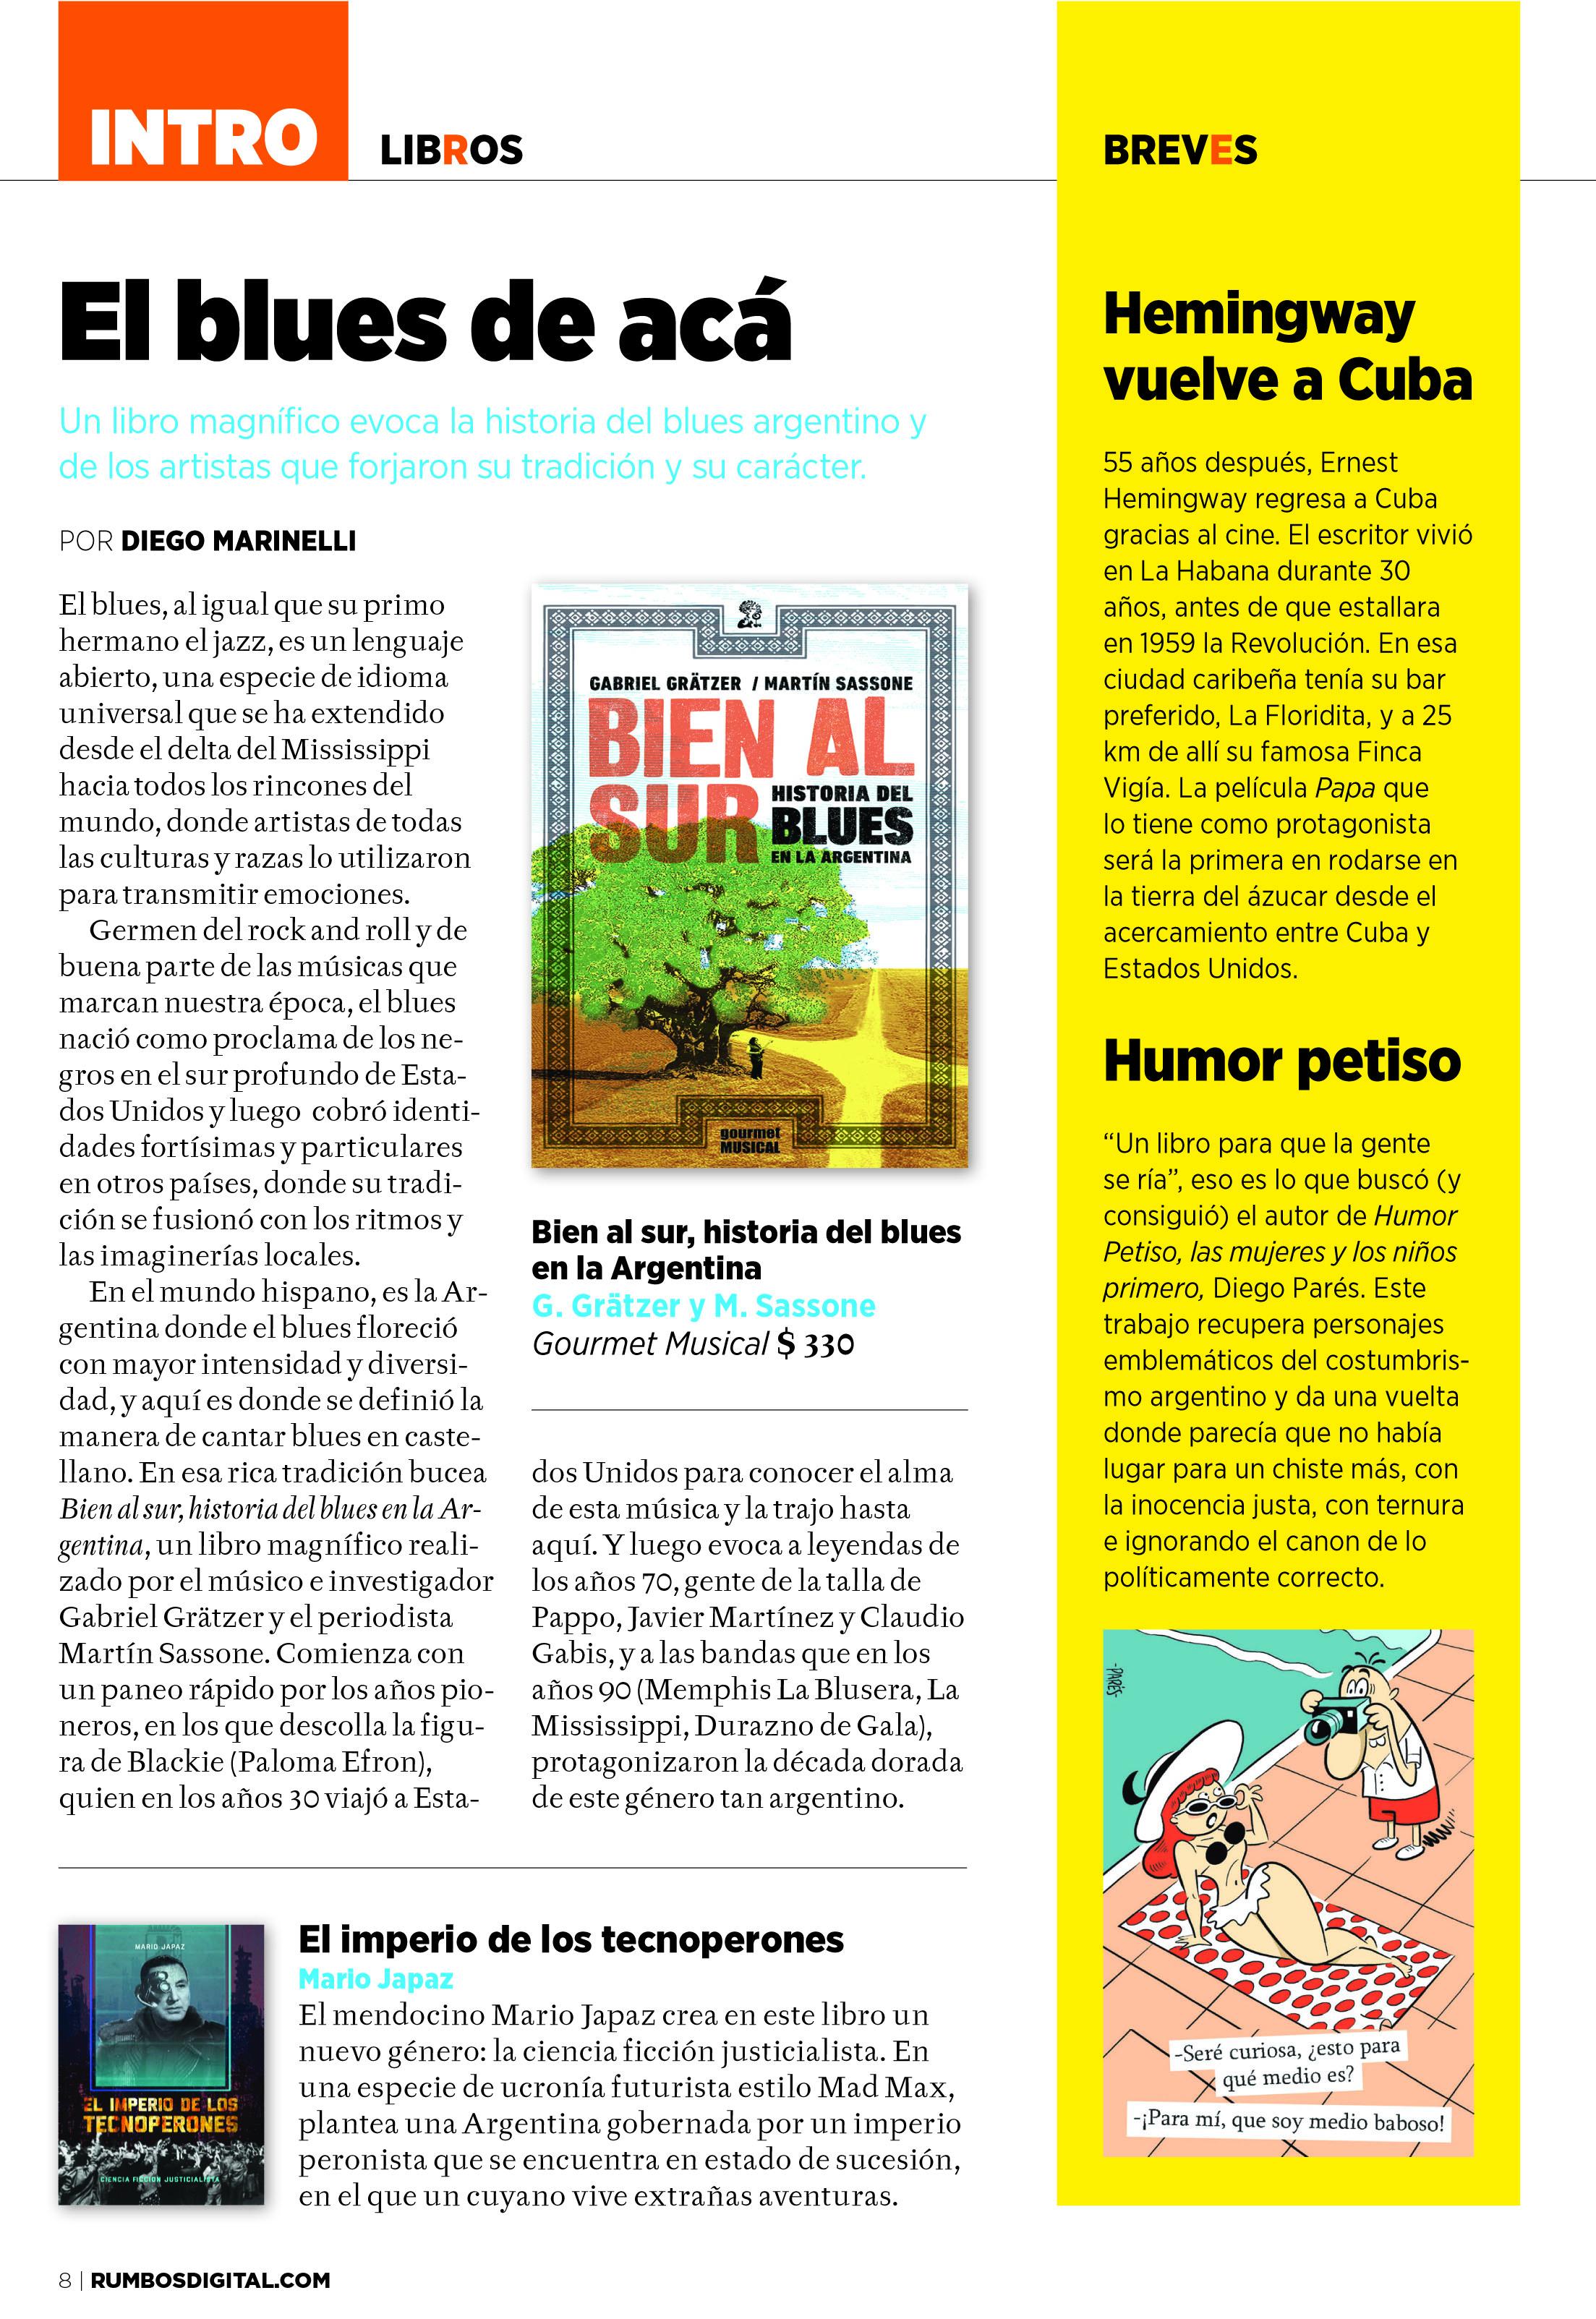 Bien al sur en la revista Rumbos 2 y 3 de enero copiar